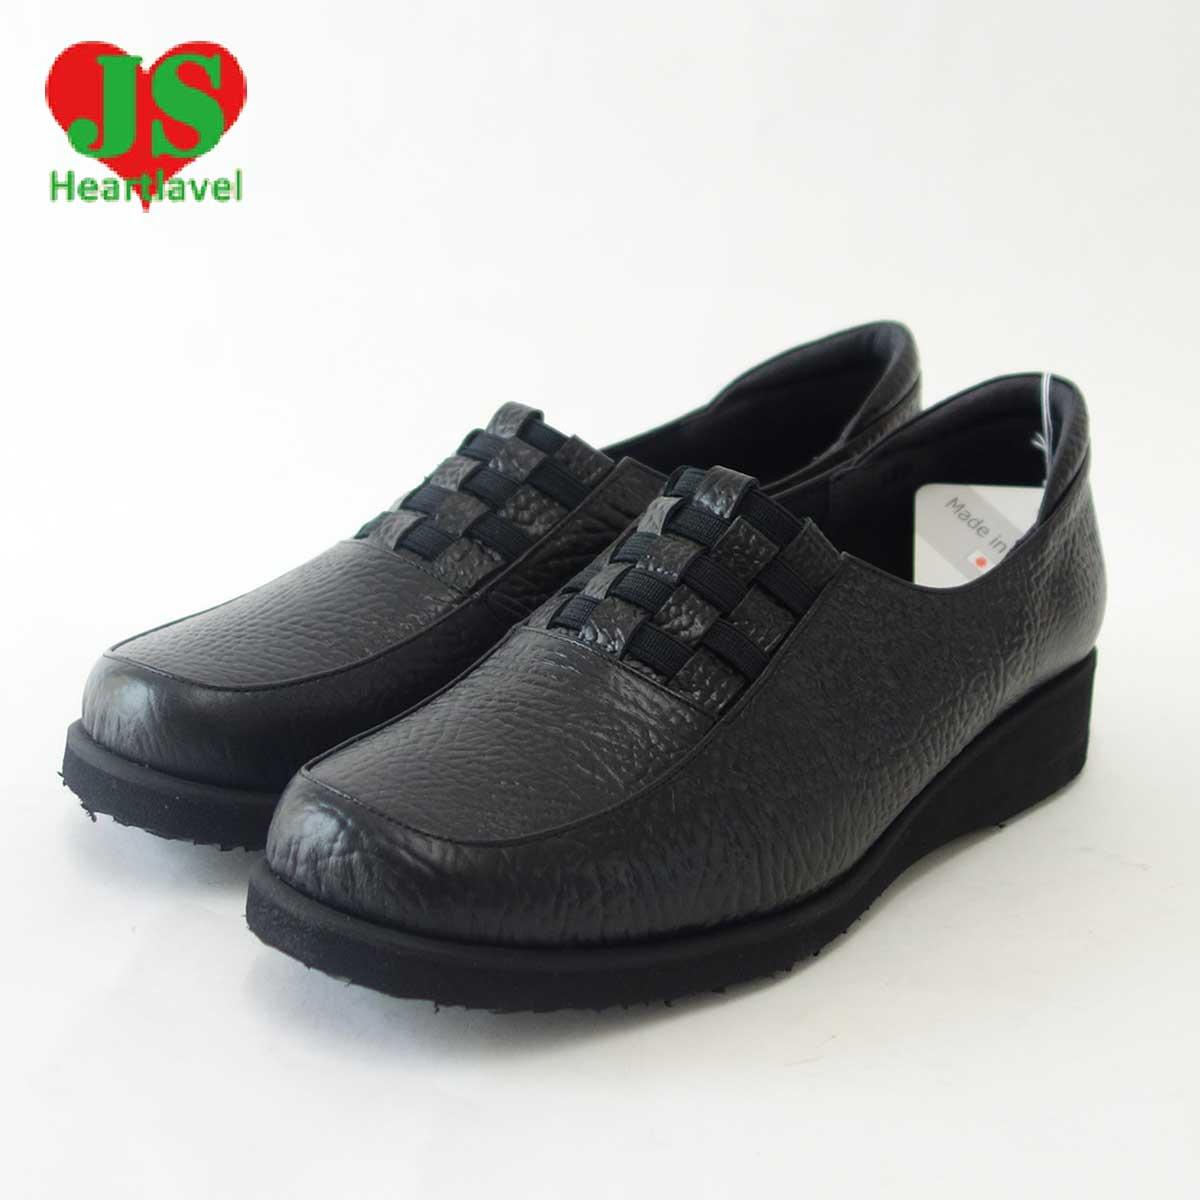 JS Heartlavel ジェイエス ハートラベル1146 ブラック(レディース)日本製ゆったりEEEEの楽ちんシューズ天然皮革のカジュアルシューズ 「靴」